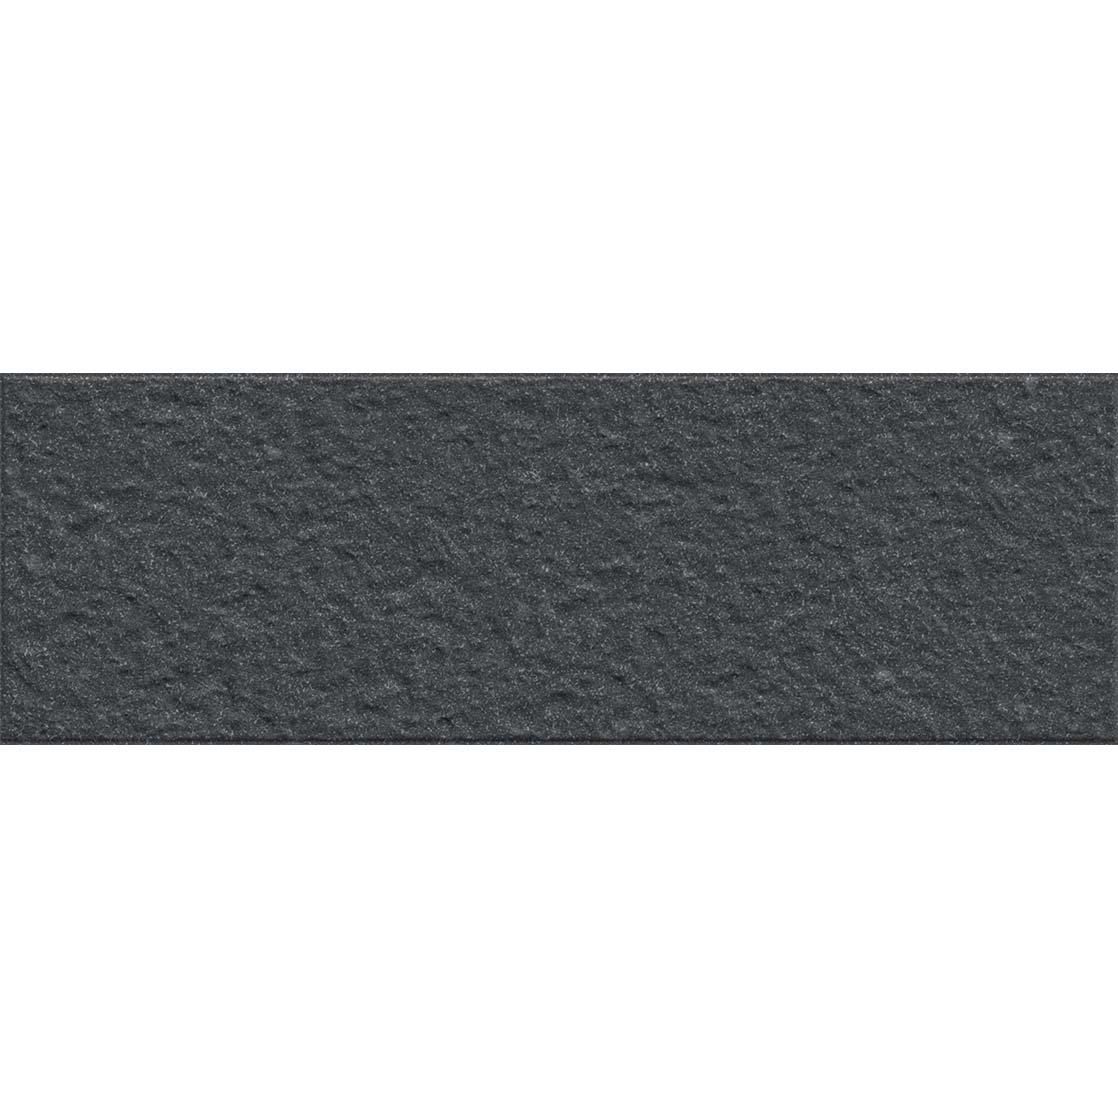 Gạch thẻ trang trí 100x300 Viglacera SH1323 giá rẻ